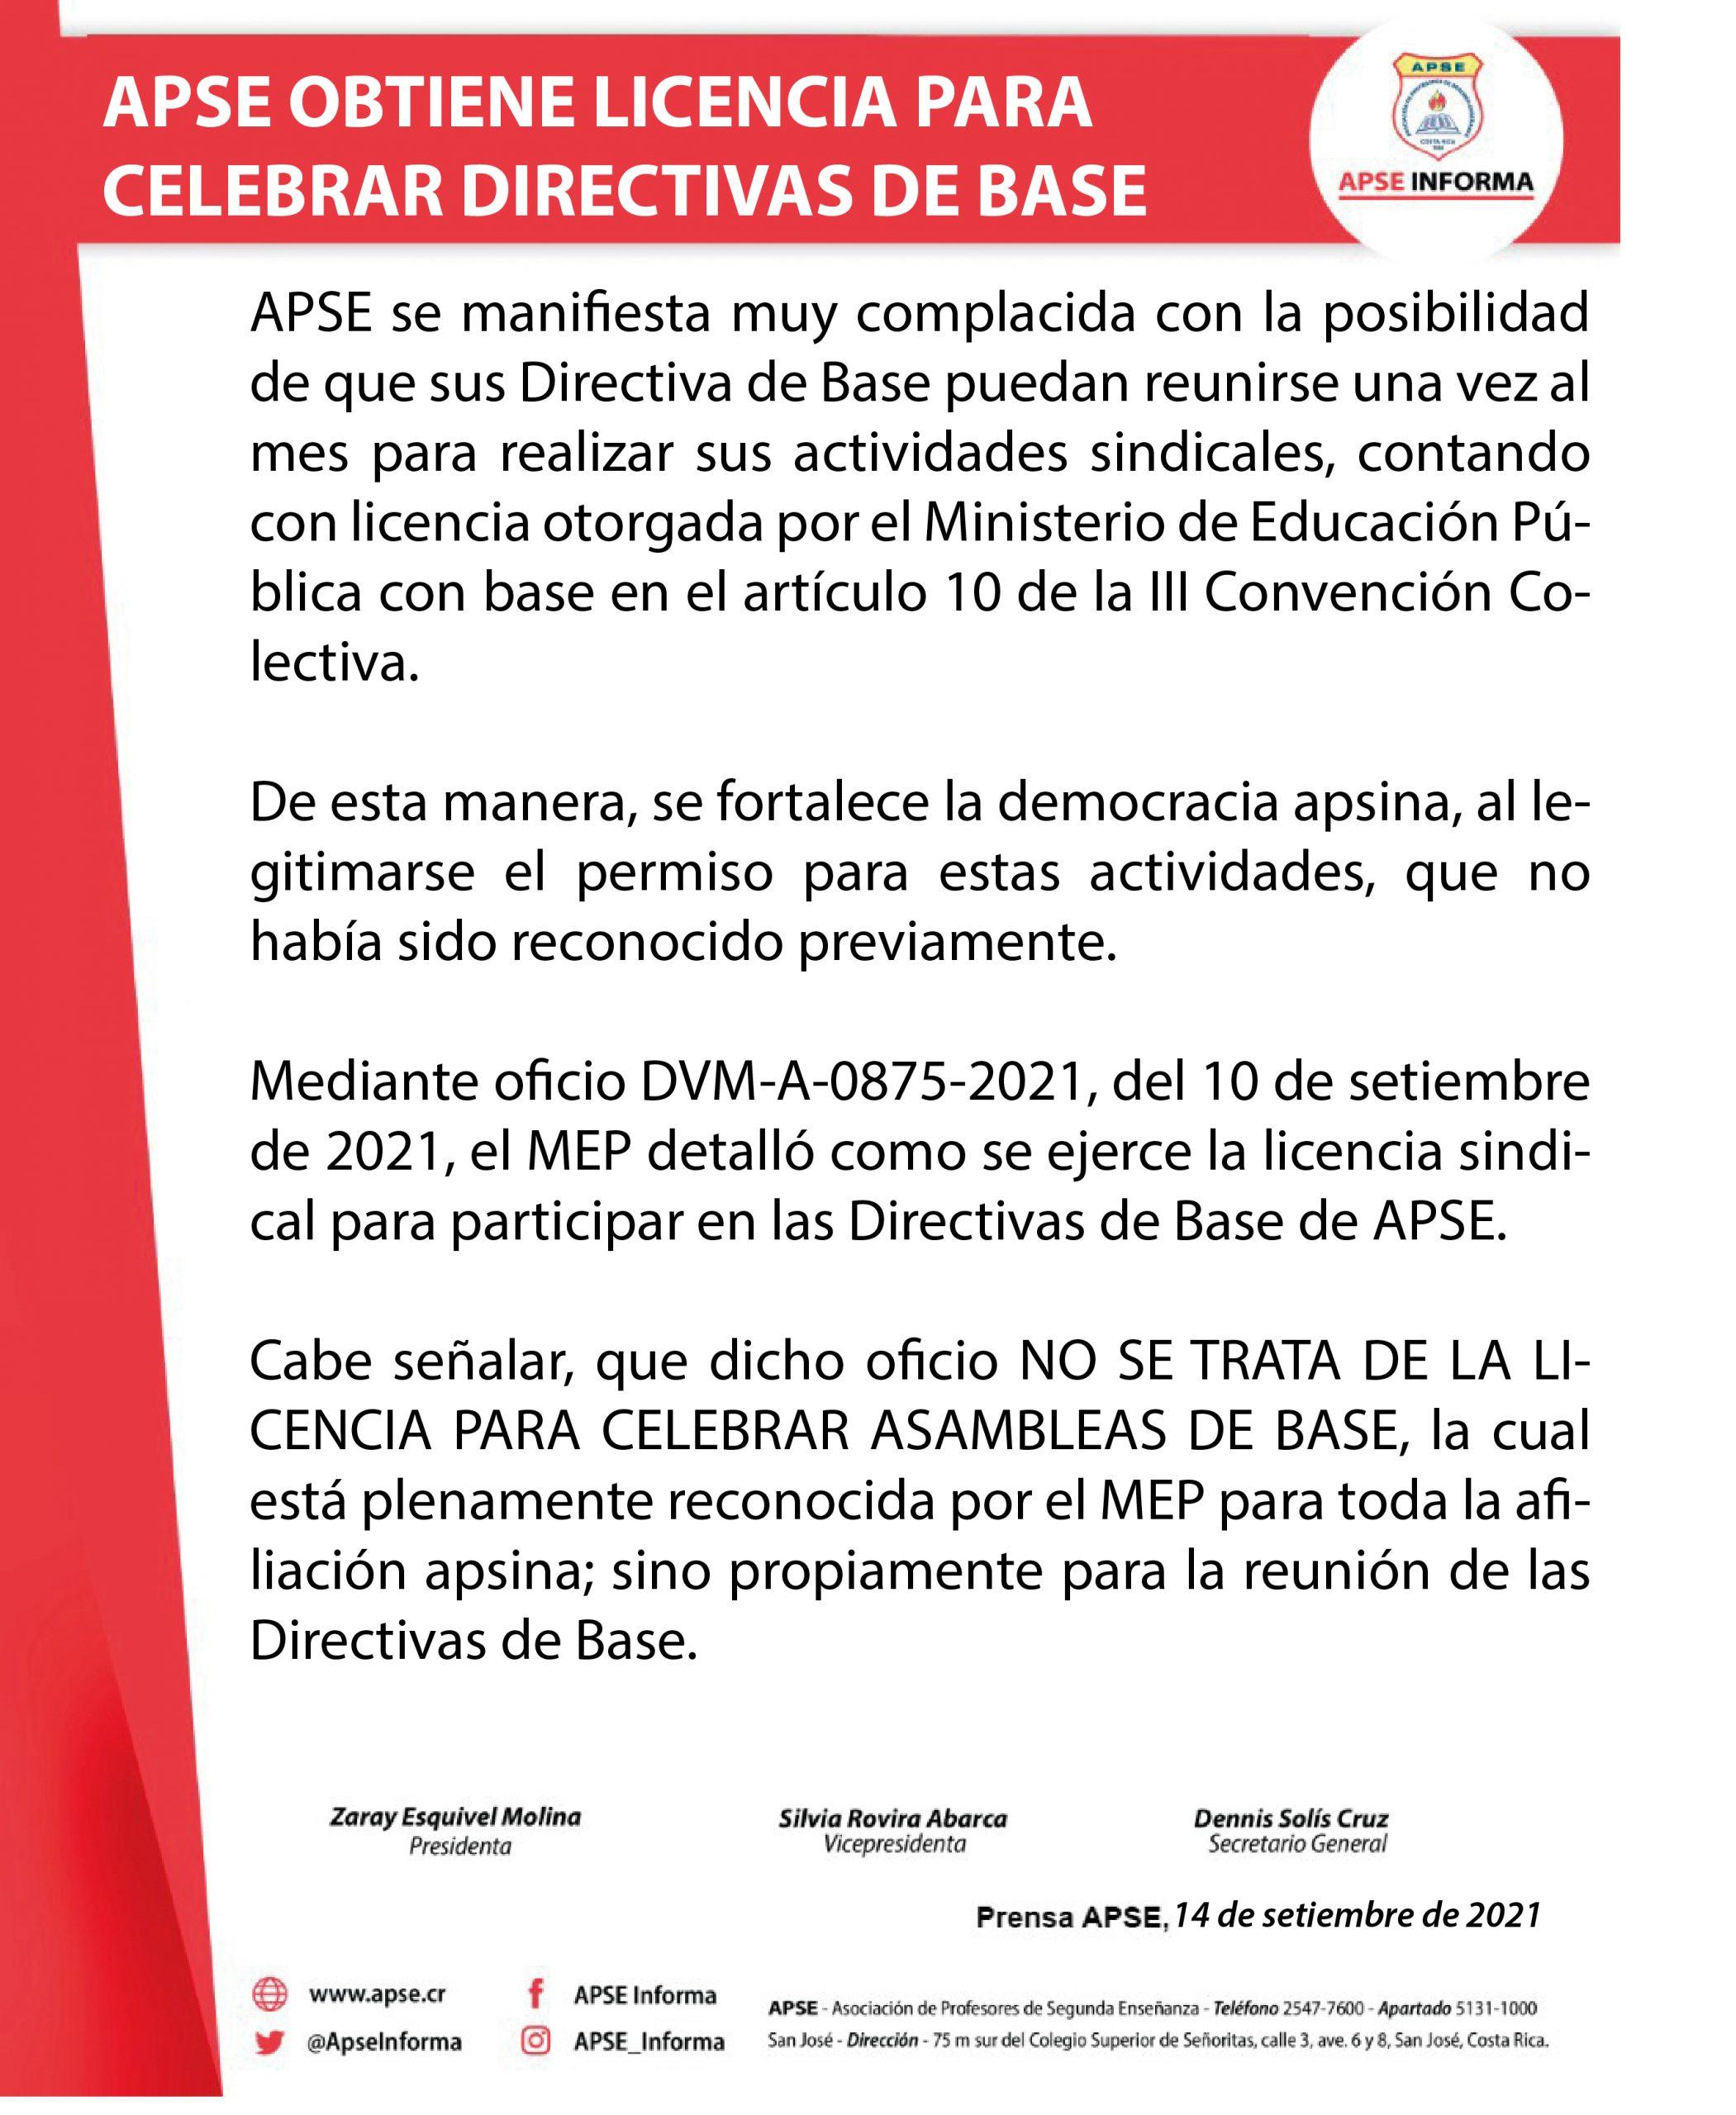 APSE OBTIENE LICENCIA PARA CELEBRAR DIRECTIVAS DE BASE DE APSE